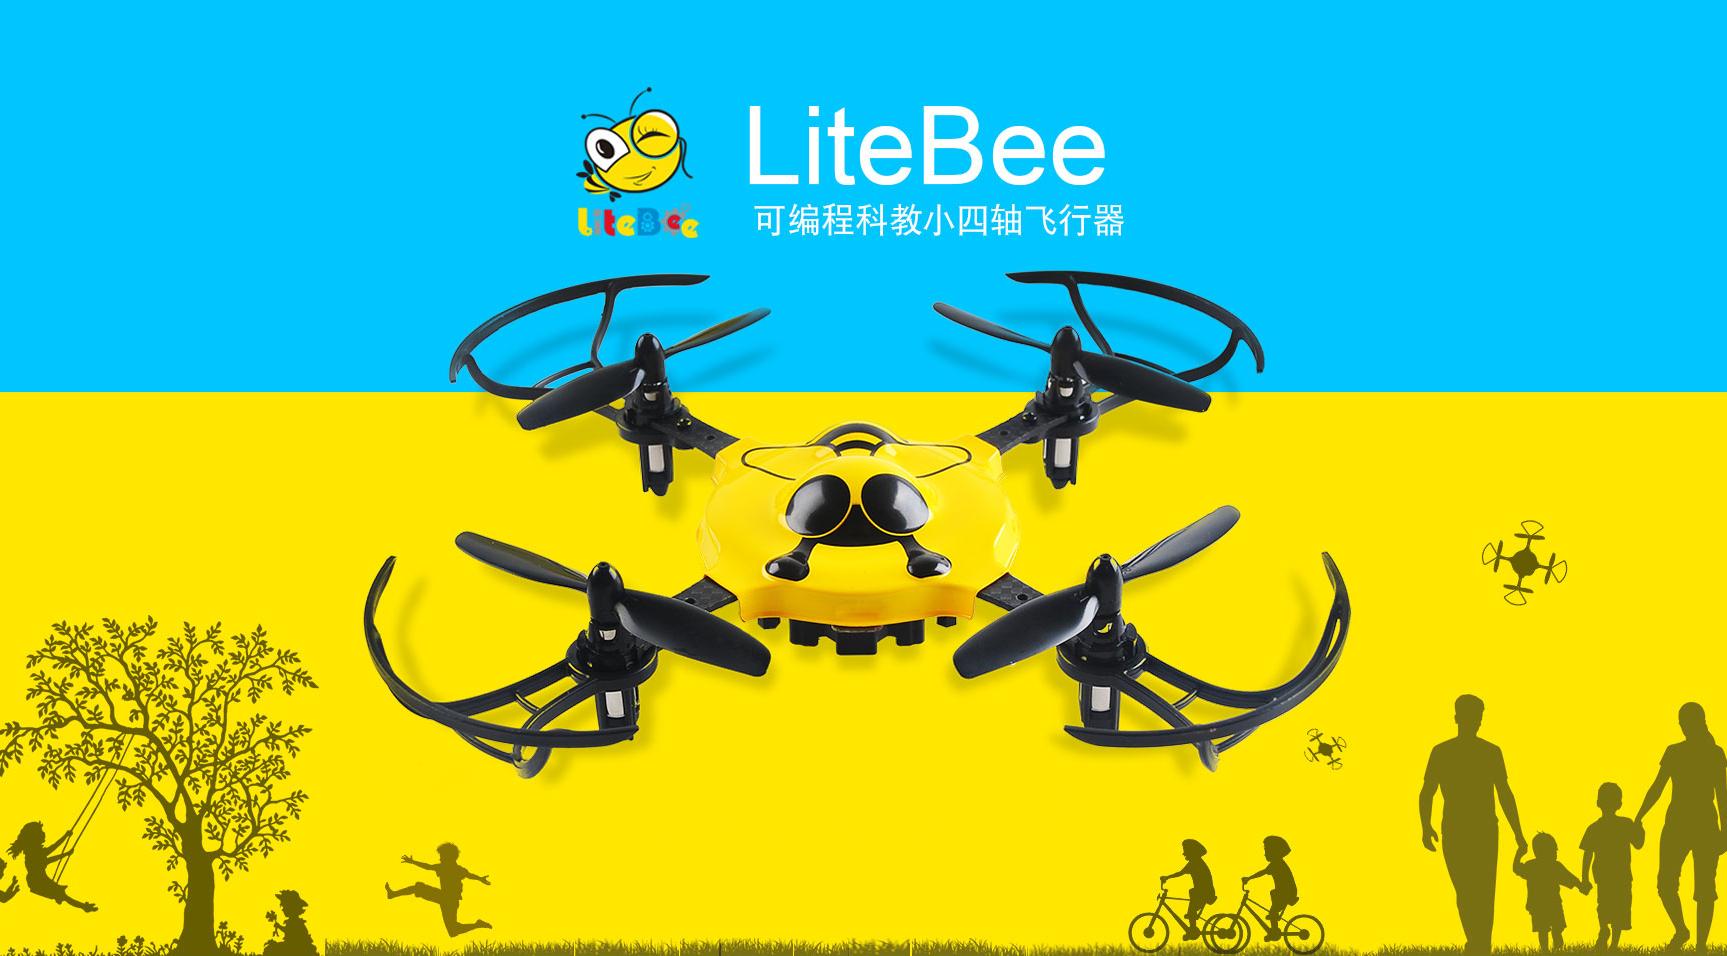 LiteBee编程无人机教程分享 ,小白从入门到精通必备!